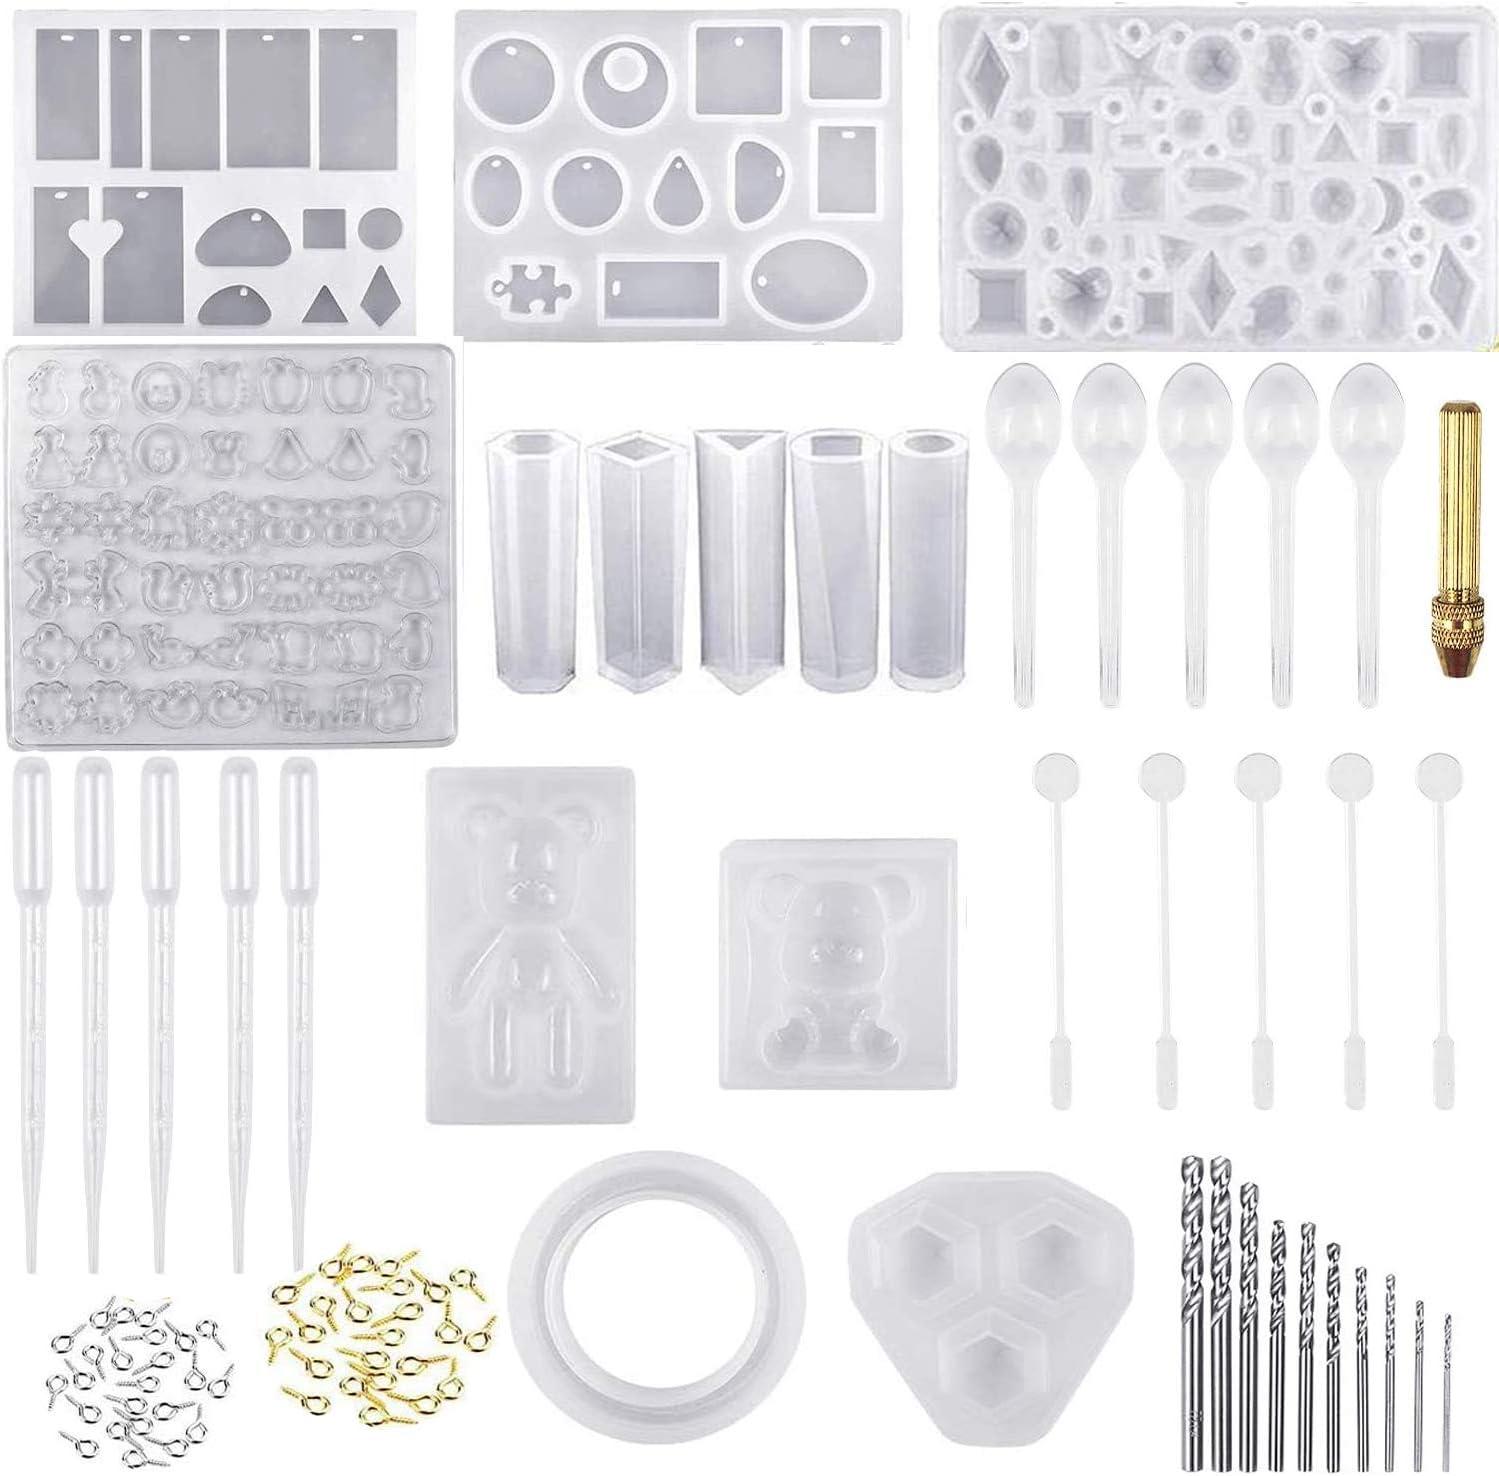 229 Piezas Molde Silicona Resina, Ouinne Moldes de Resina para Collar Pendiente Fabricación de Colgante Bolas Cubos Pulsera Creativo Bricolaje